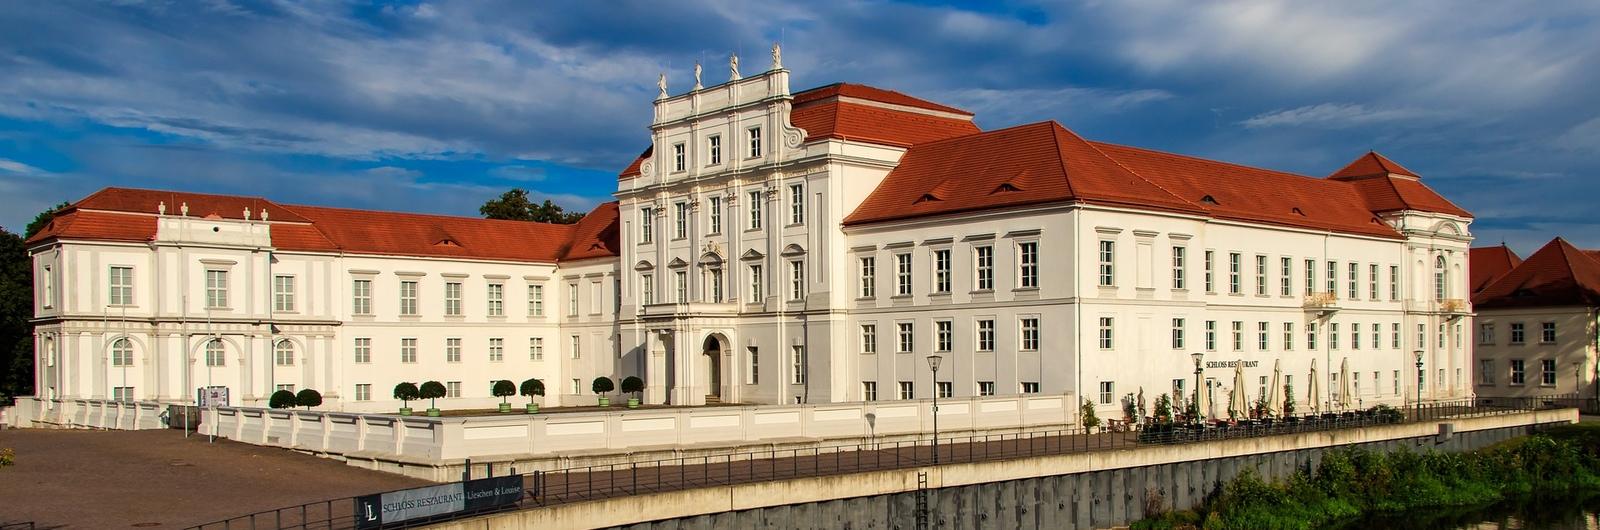 oranienburg city header